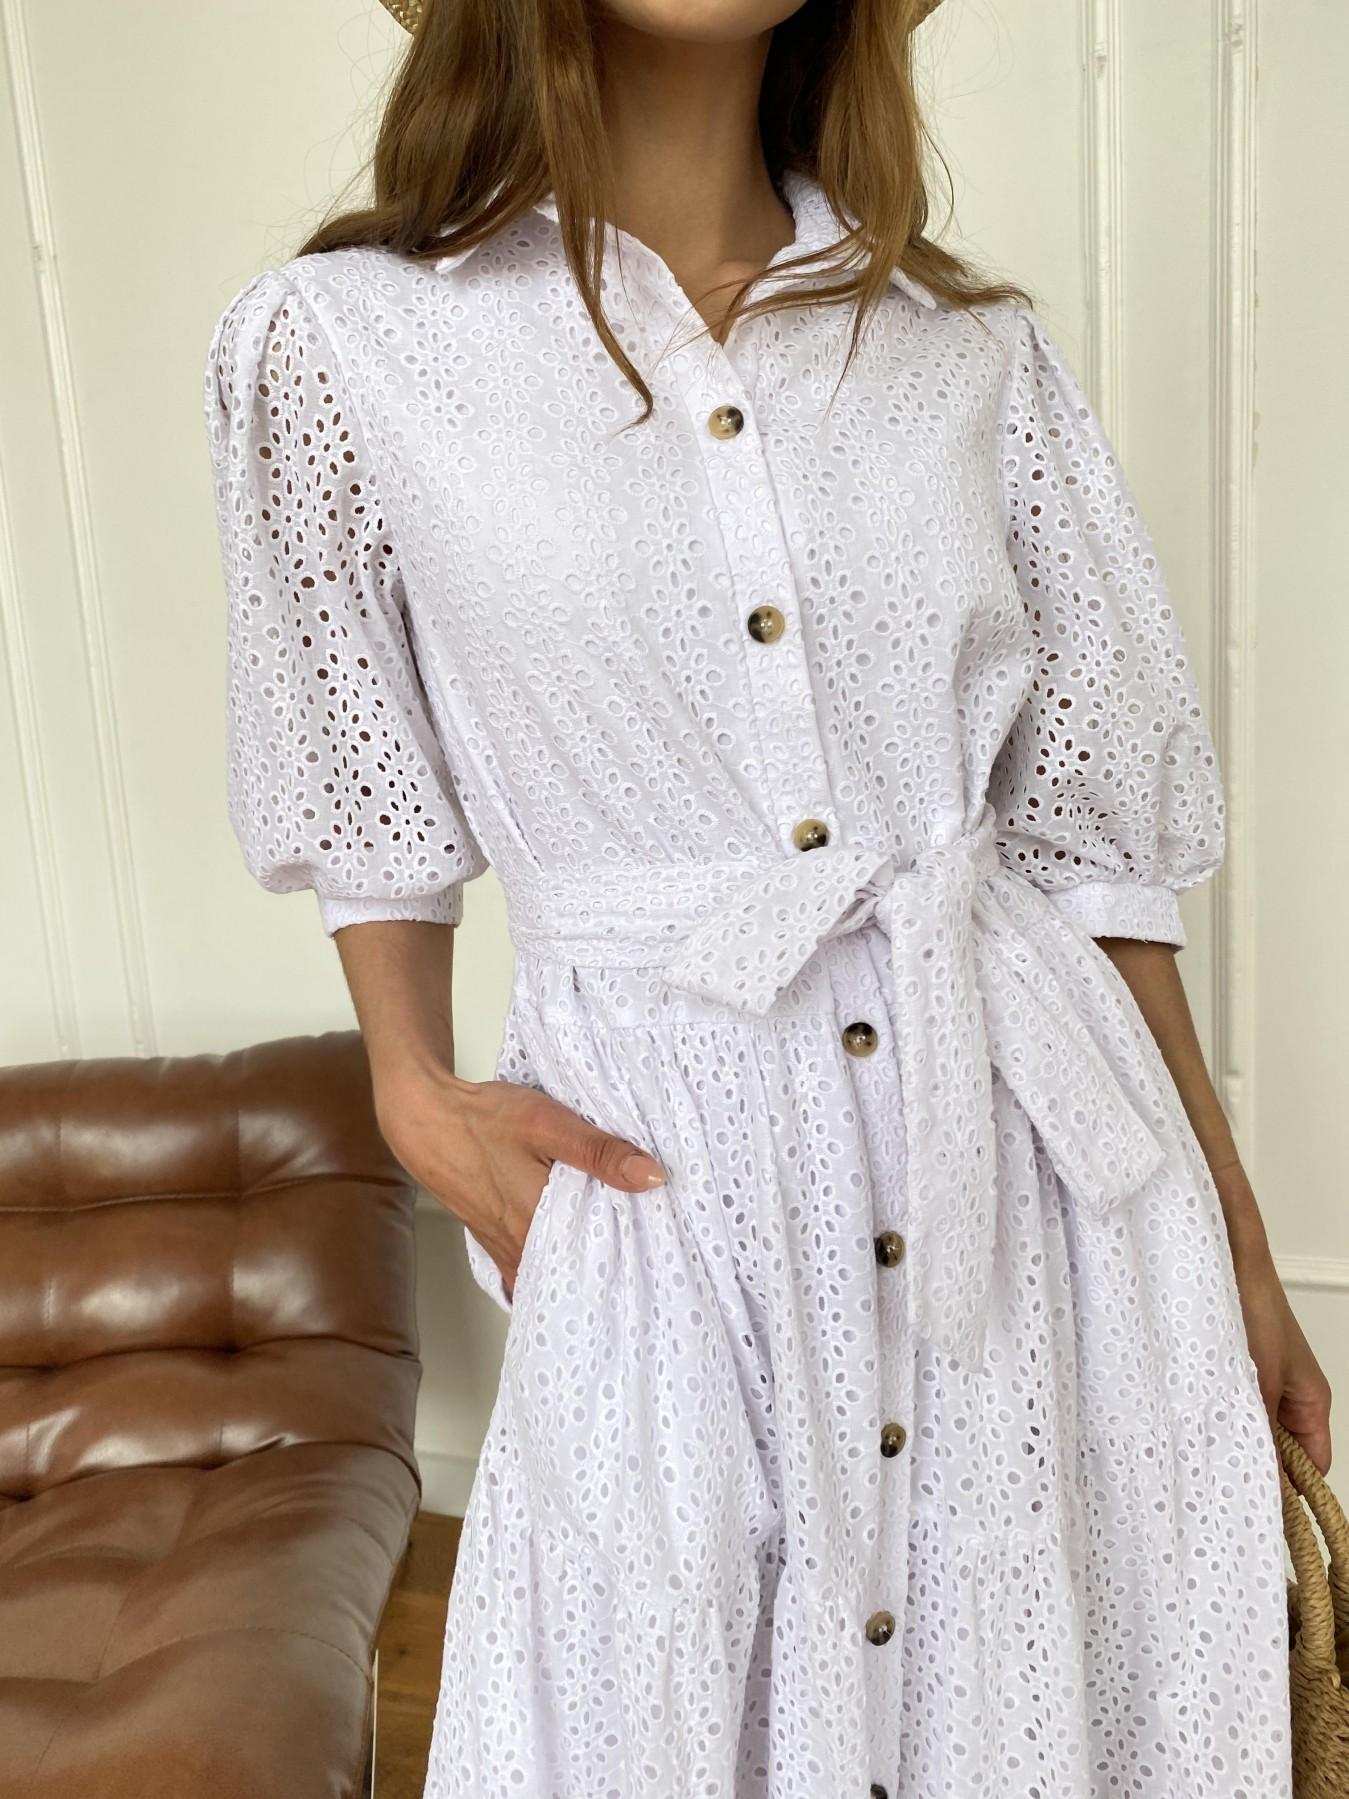 Коста Бланка платье с коротким рукавом из прошвы 11359 АРТ. 47966 Цвет: Белый/МелЦветПерфор - фото 9, интернет магазин tm-modus.ru